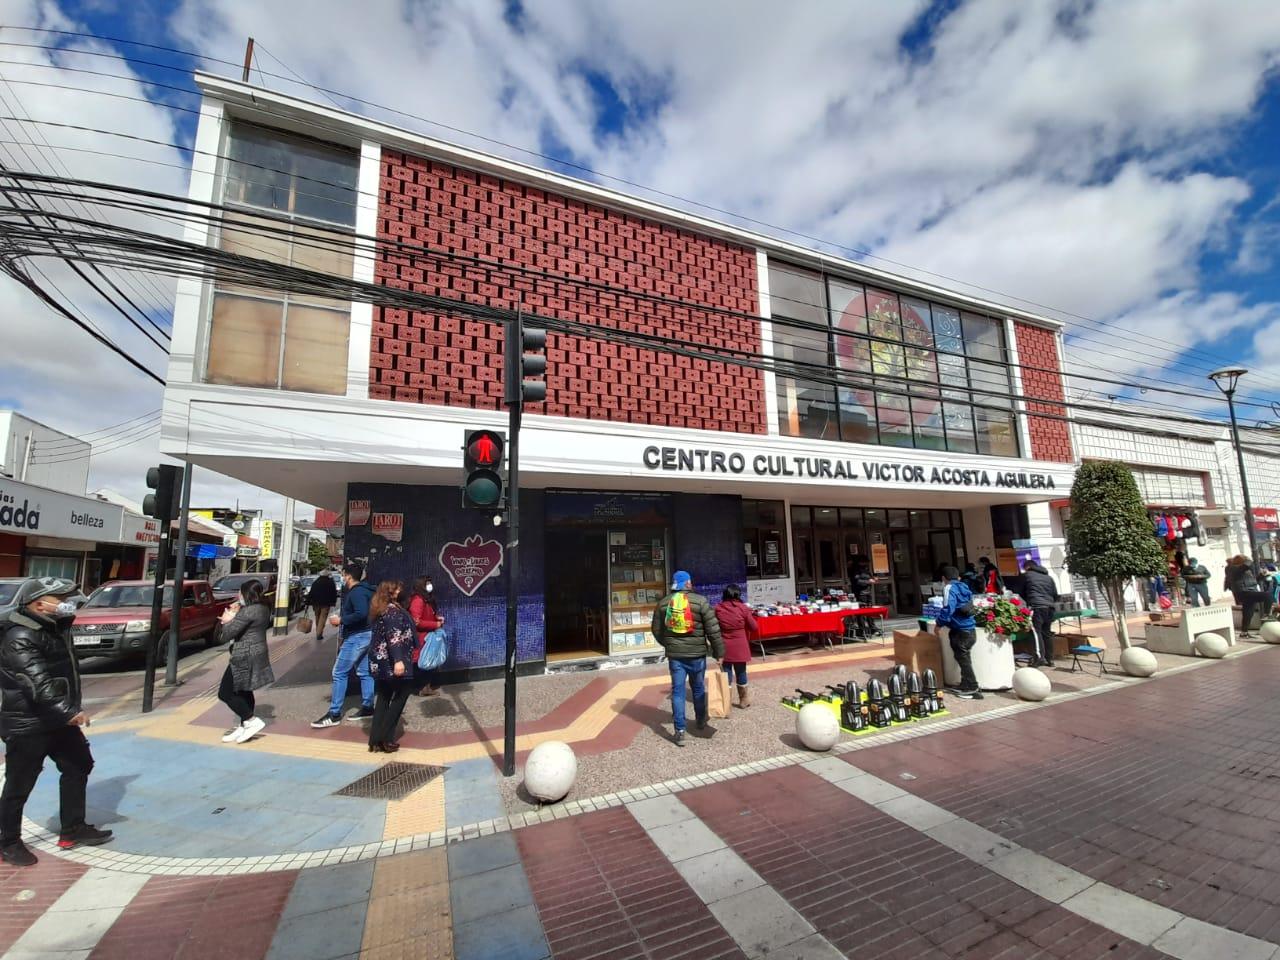 """En el marco de Aniversario 187 de Vallenar: Magia, danza y risas darán vida al encuentro de Artes Escénicas a desarrollarse en el centro cultural """"Víctor Acosta Aguilera"""""""